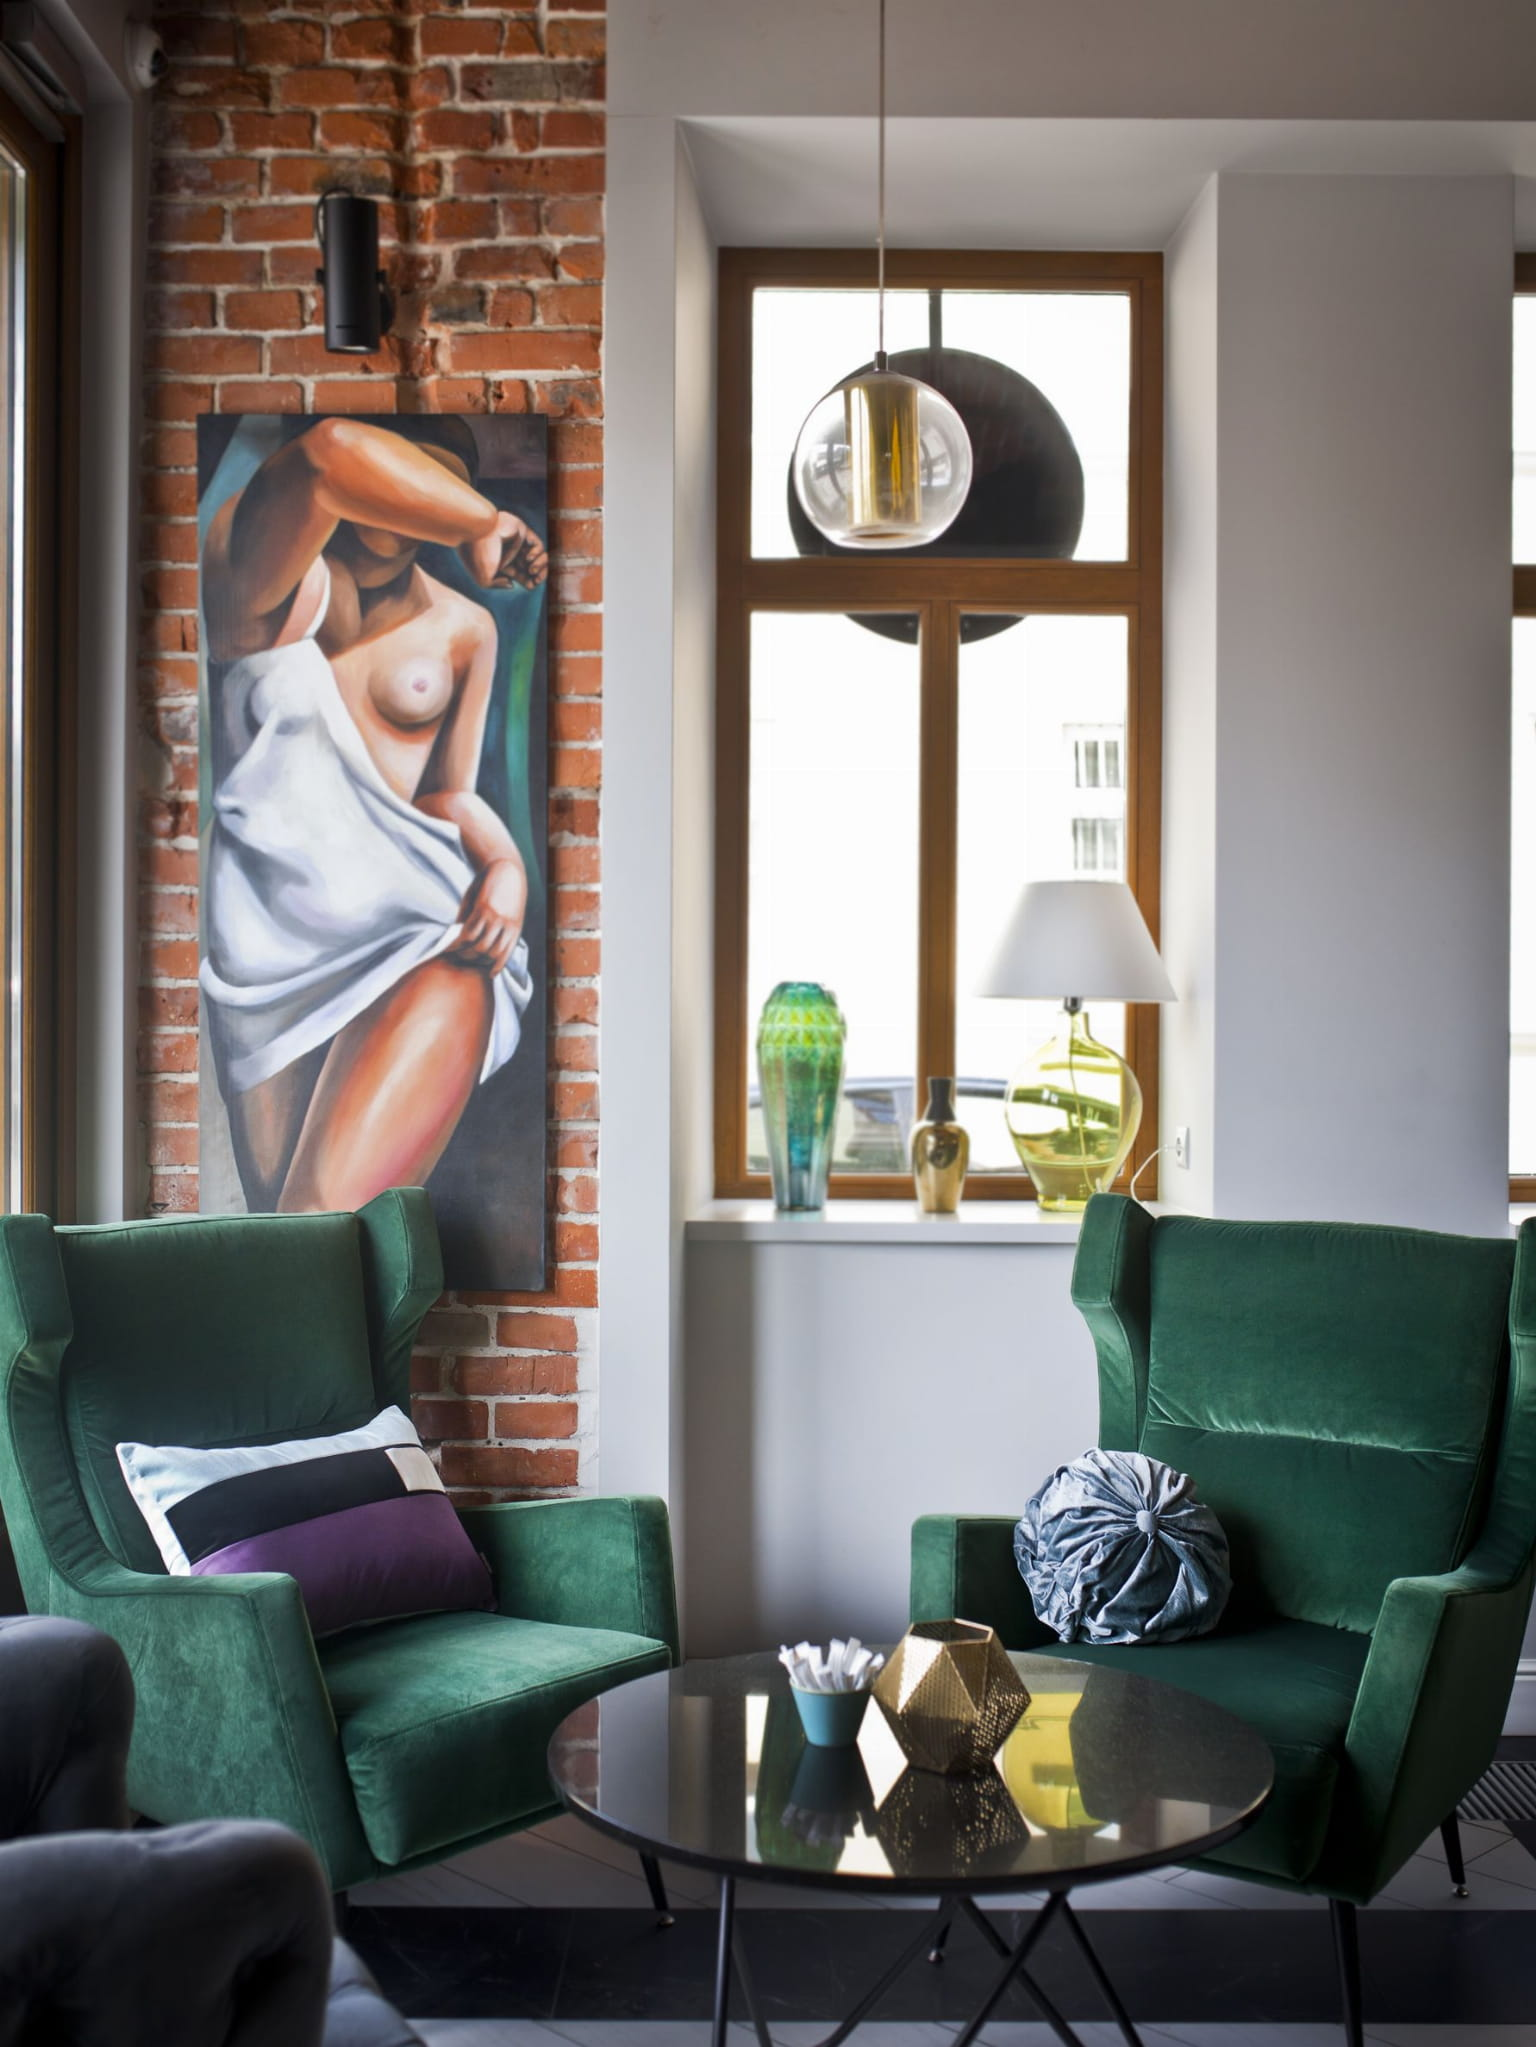 Poszewka dekoracyjna Los Angeles Główną inspiracją kolekcji poduszek dekoracyjnych Fashion Capitals, stworzonej wspólnie z projektantką wnętrz- Agnieszką Chlebdą, był design lat 60-tych. Światowe stolice designu prezentowały wtenczas (powracające dziś do łask) fotele z drewnianym oparcie, kultowe meblościanki, tapicerowane wersalki, czy pełne koloru, szklane wazony. Projekt asymetrycznych kształtów oraz barwnych tkanin, nadaje wnętrzu nietuzinkowego stylu. Poszewkę wykonano z weluru, materiału delikatnego, miękkiego oraz łatwego do wyczyszczenia. Idealnie nada się do minimalistycznej i gustownej przestrzeni. Każdy produkt pakujemy w kredowy kartonik, wyściełany muślinowym papierem. Poduszka idealnie sprawdzi się tym samym jako wyjątkowy prezent. Poduszka dekoracyjna Los Angeles tworzy piękny zestaw z poduszkami: Limpet Shell. Zadbaj a swoje wnętrze. Kolor: niebieski, fioletowy, ecru, czarny. Dostępne rozmiary : 40x60 cm - pasuje do niej wkład jedwabny 45x65 cm Tkanina : Poliester Wymia